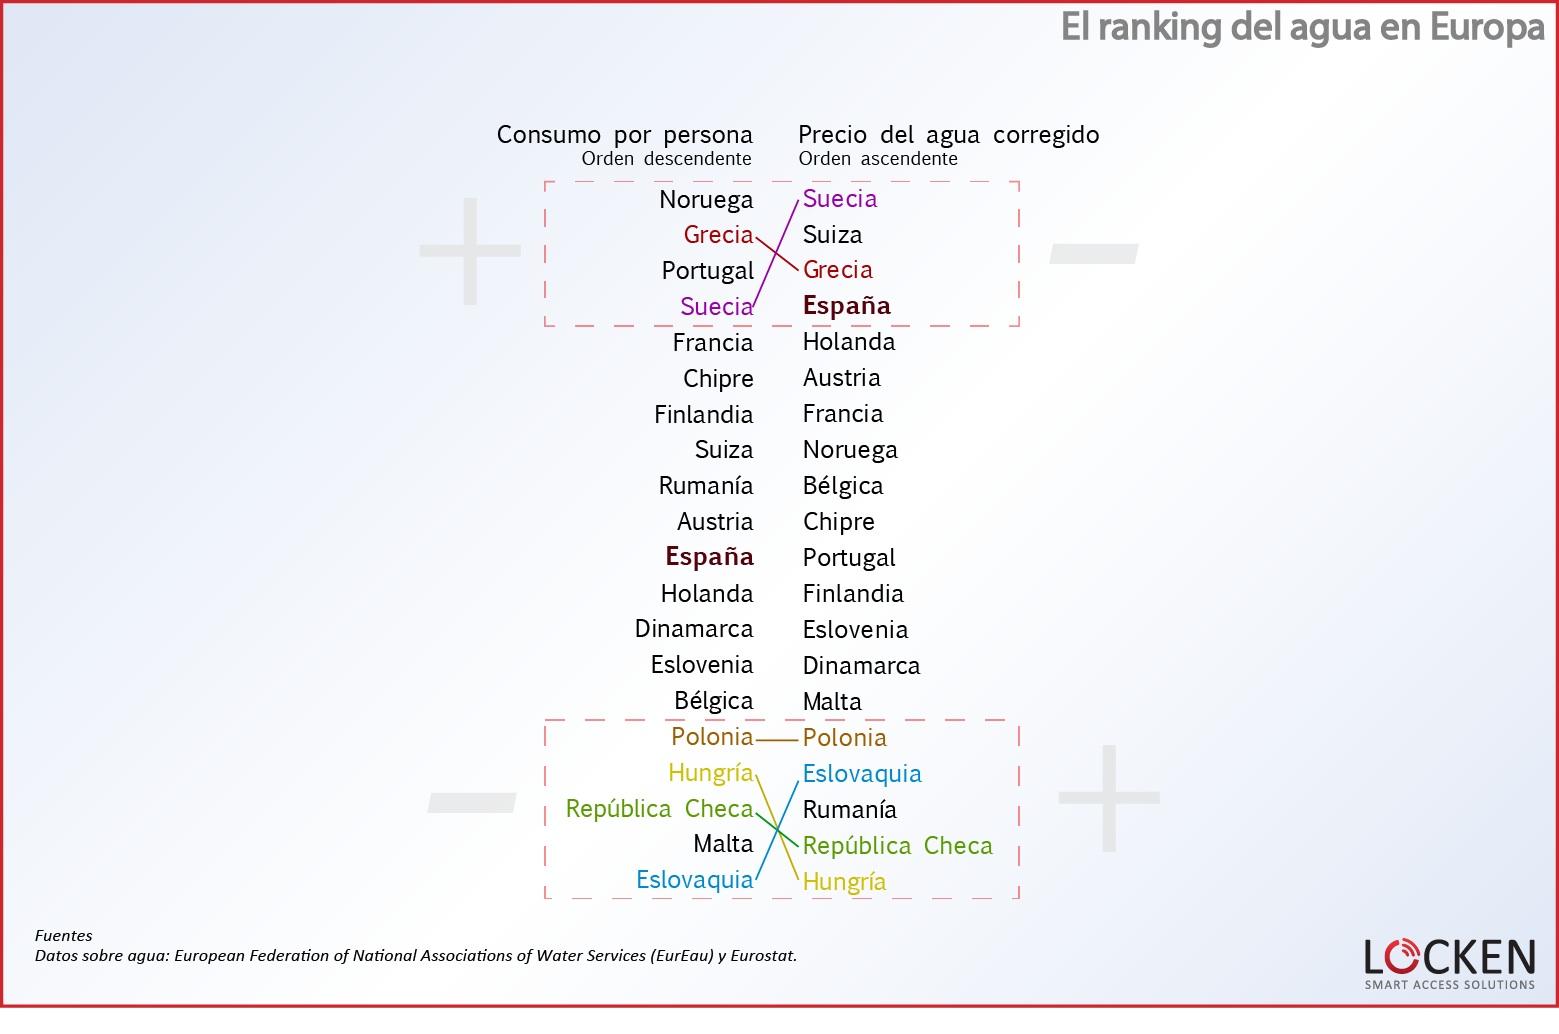 ranking-agua-europa-comparativa-consumo-precio 2